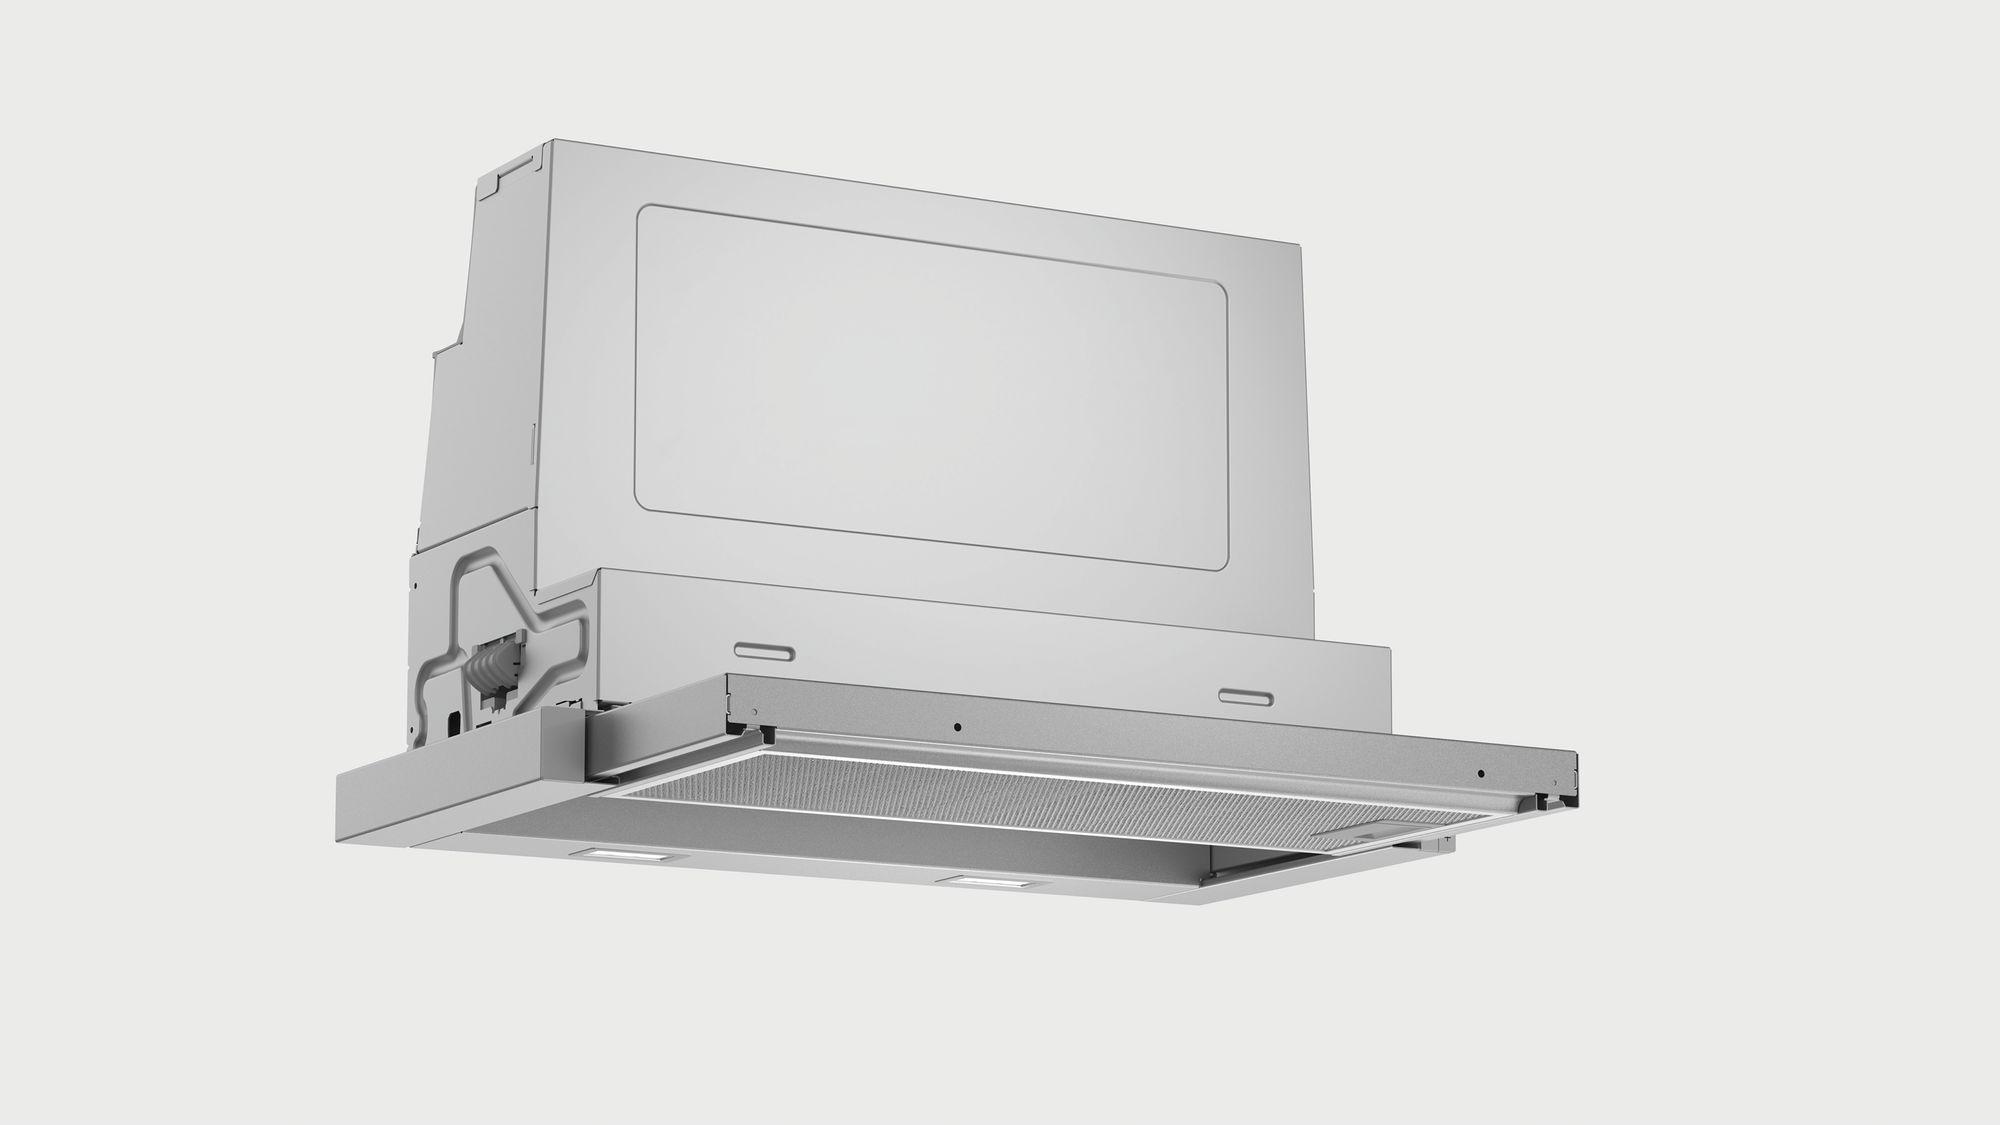 [Zweite Wahl] Bosch DFR067A50 Flachschirmhaube Edelstahl